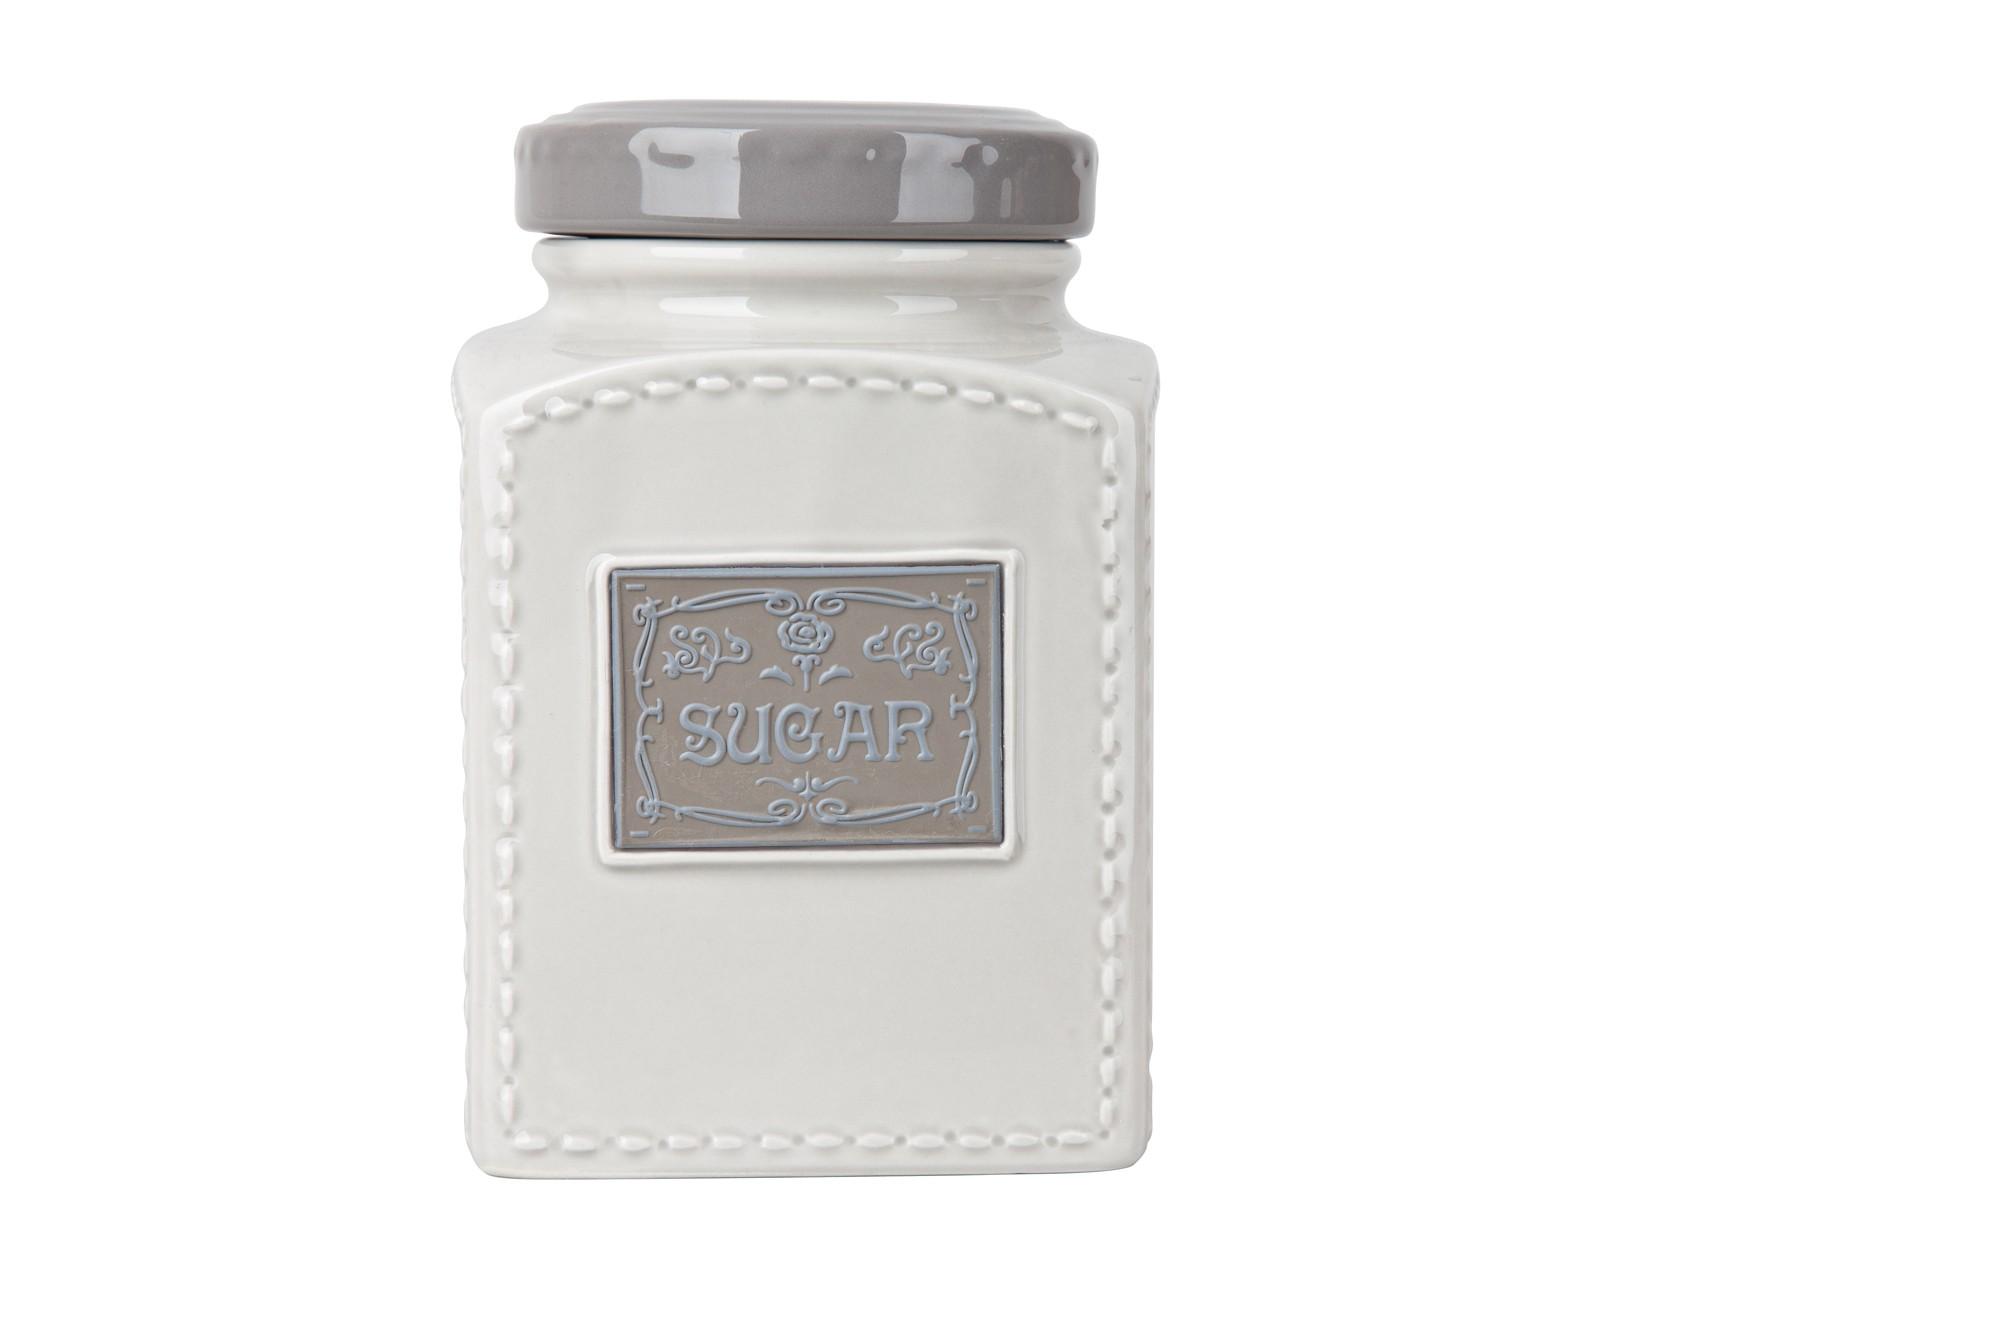 Δοχείο Ζάχαρης Πορσελάνης Iro Grey home   ειδη cafe τσαϊ   δοχεία καφε   ζάχαρης